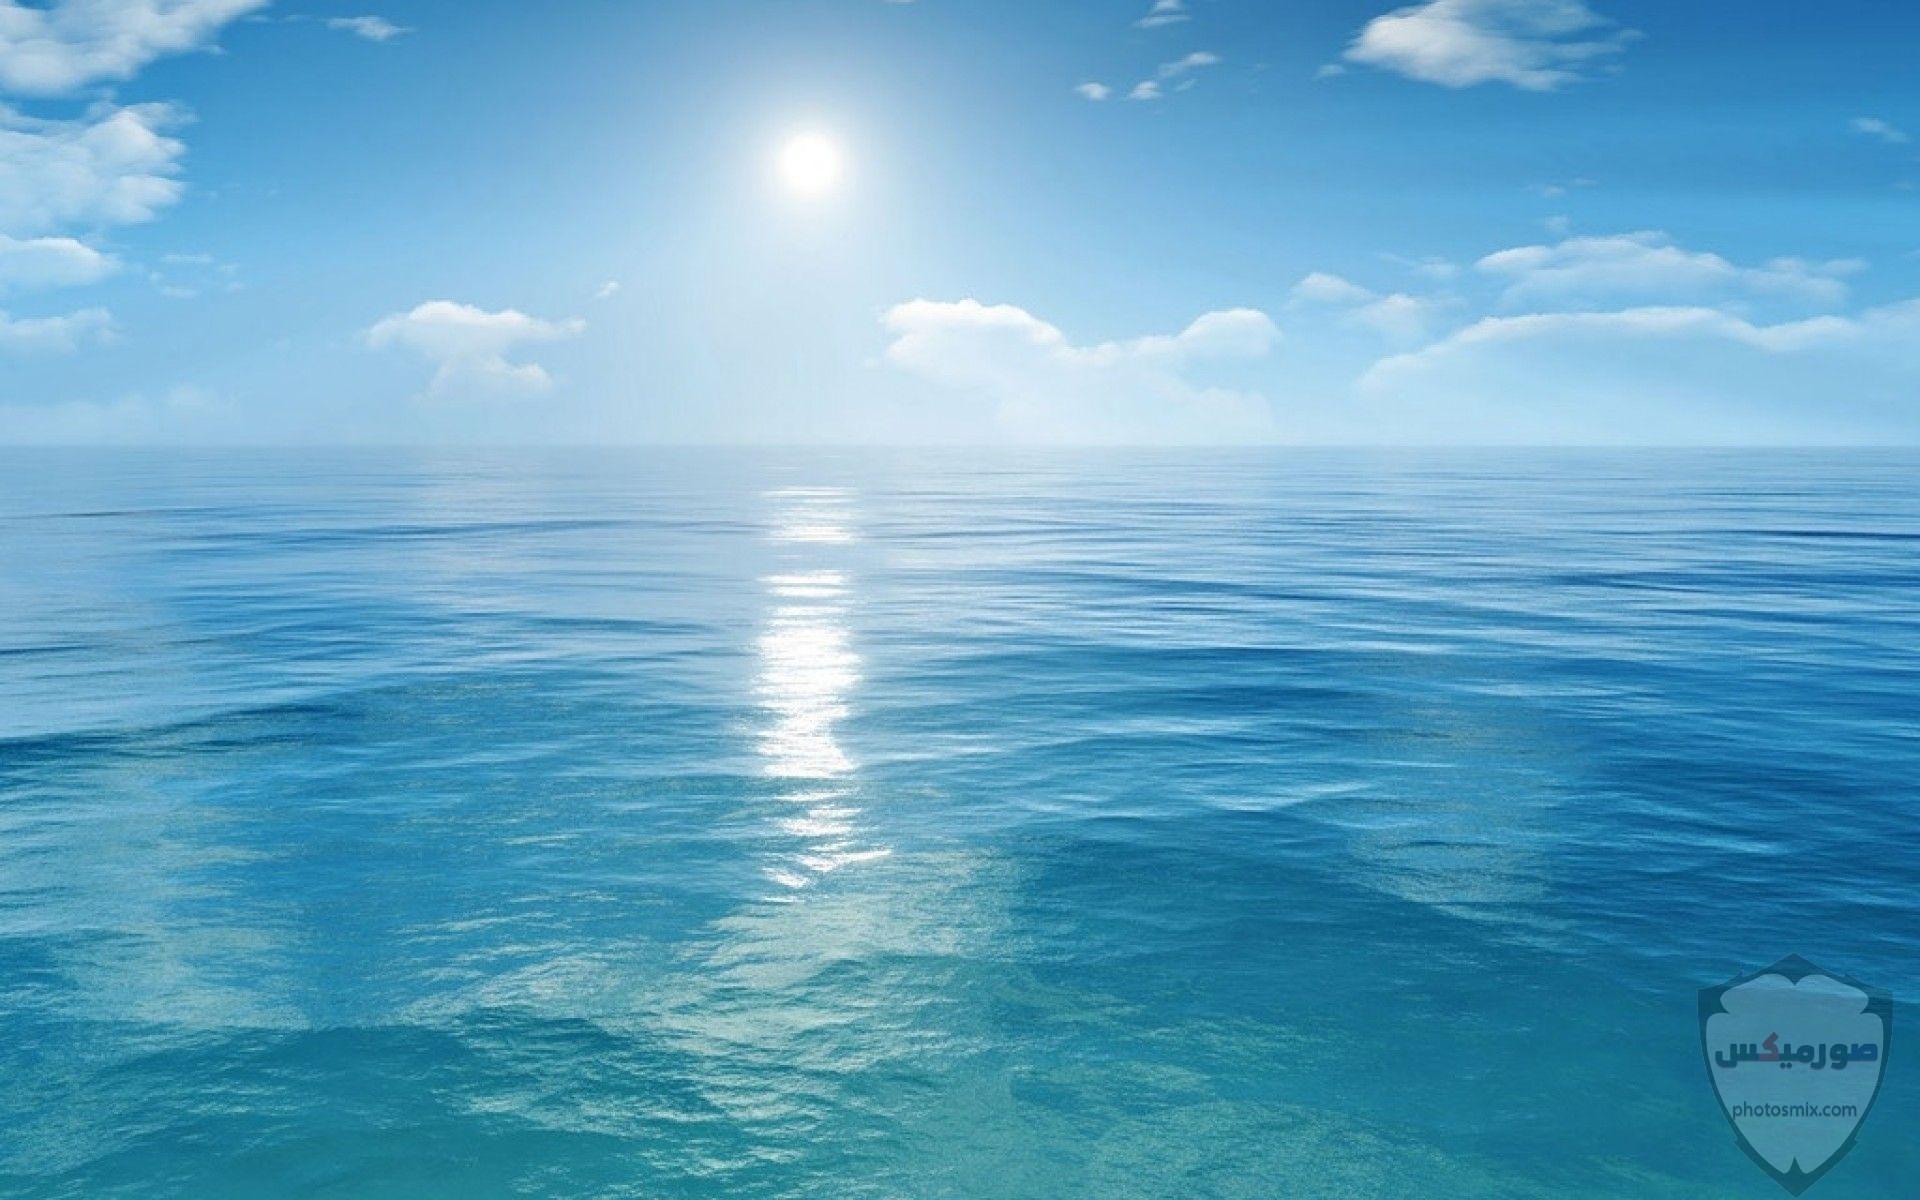 صور بحر 2020 صور بحر جميلة تحميل افضل خلفيات البحر HD 7